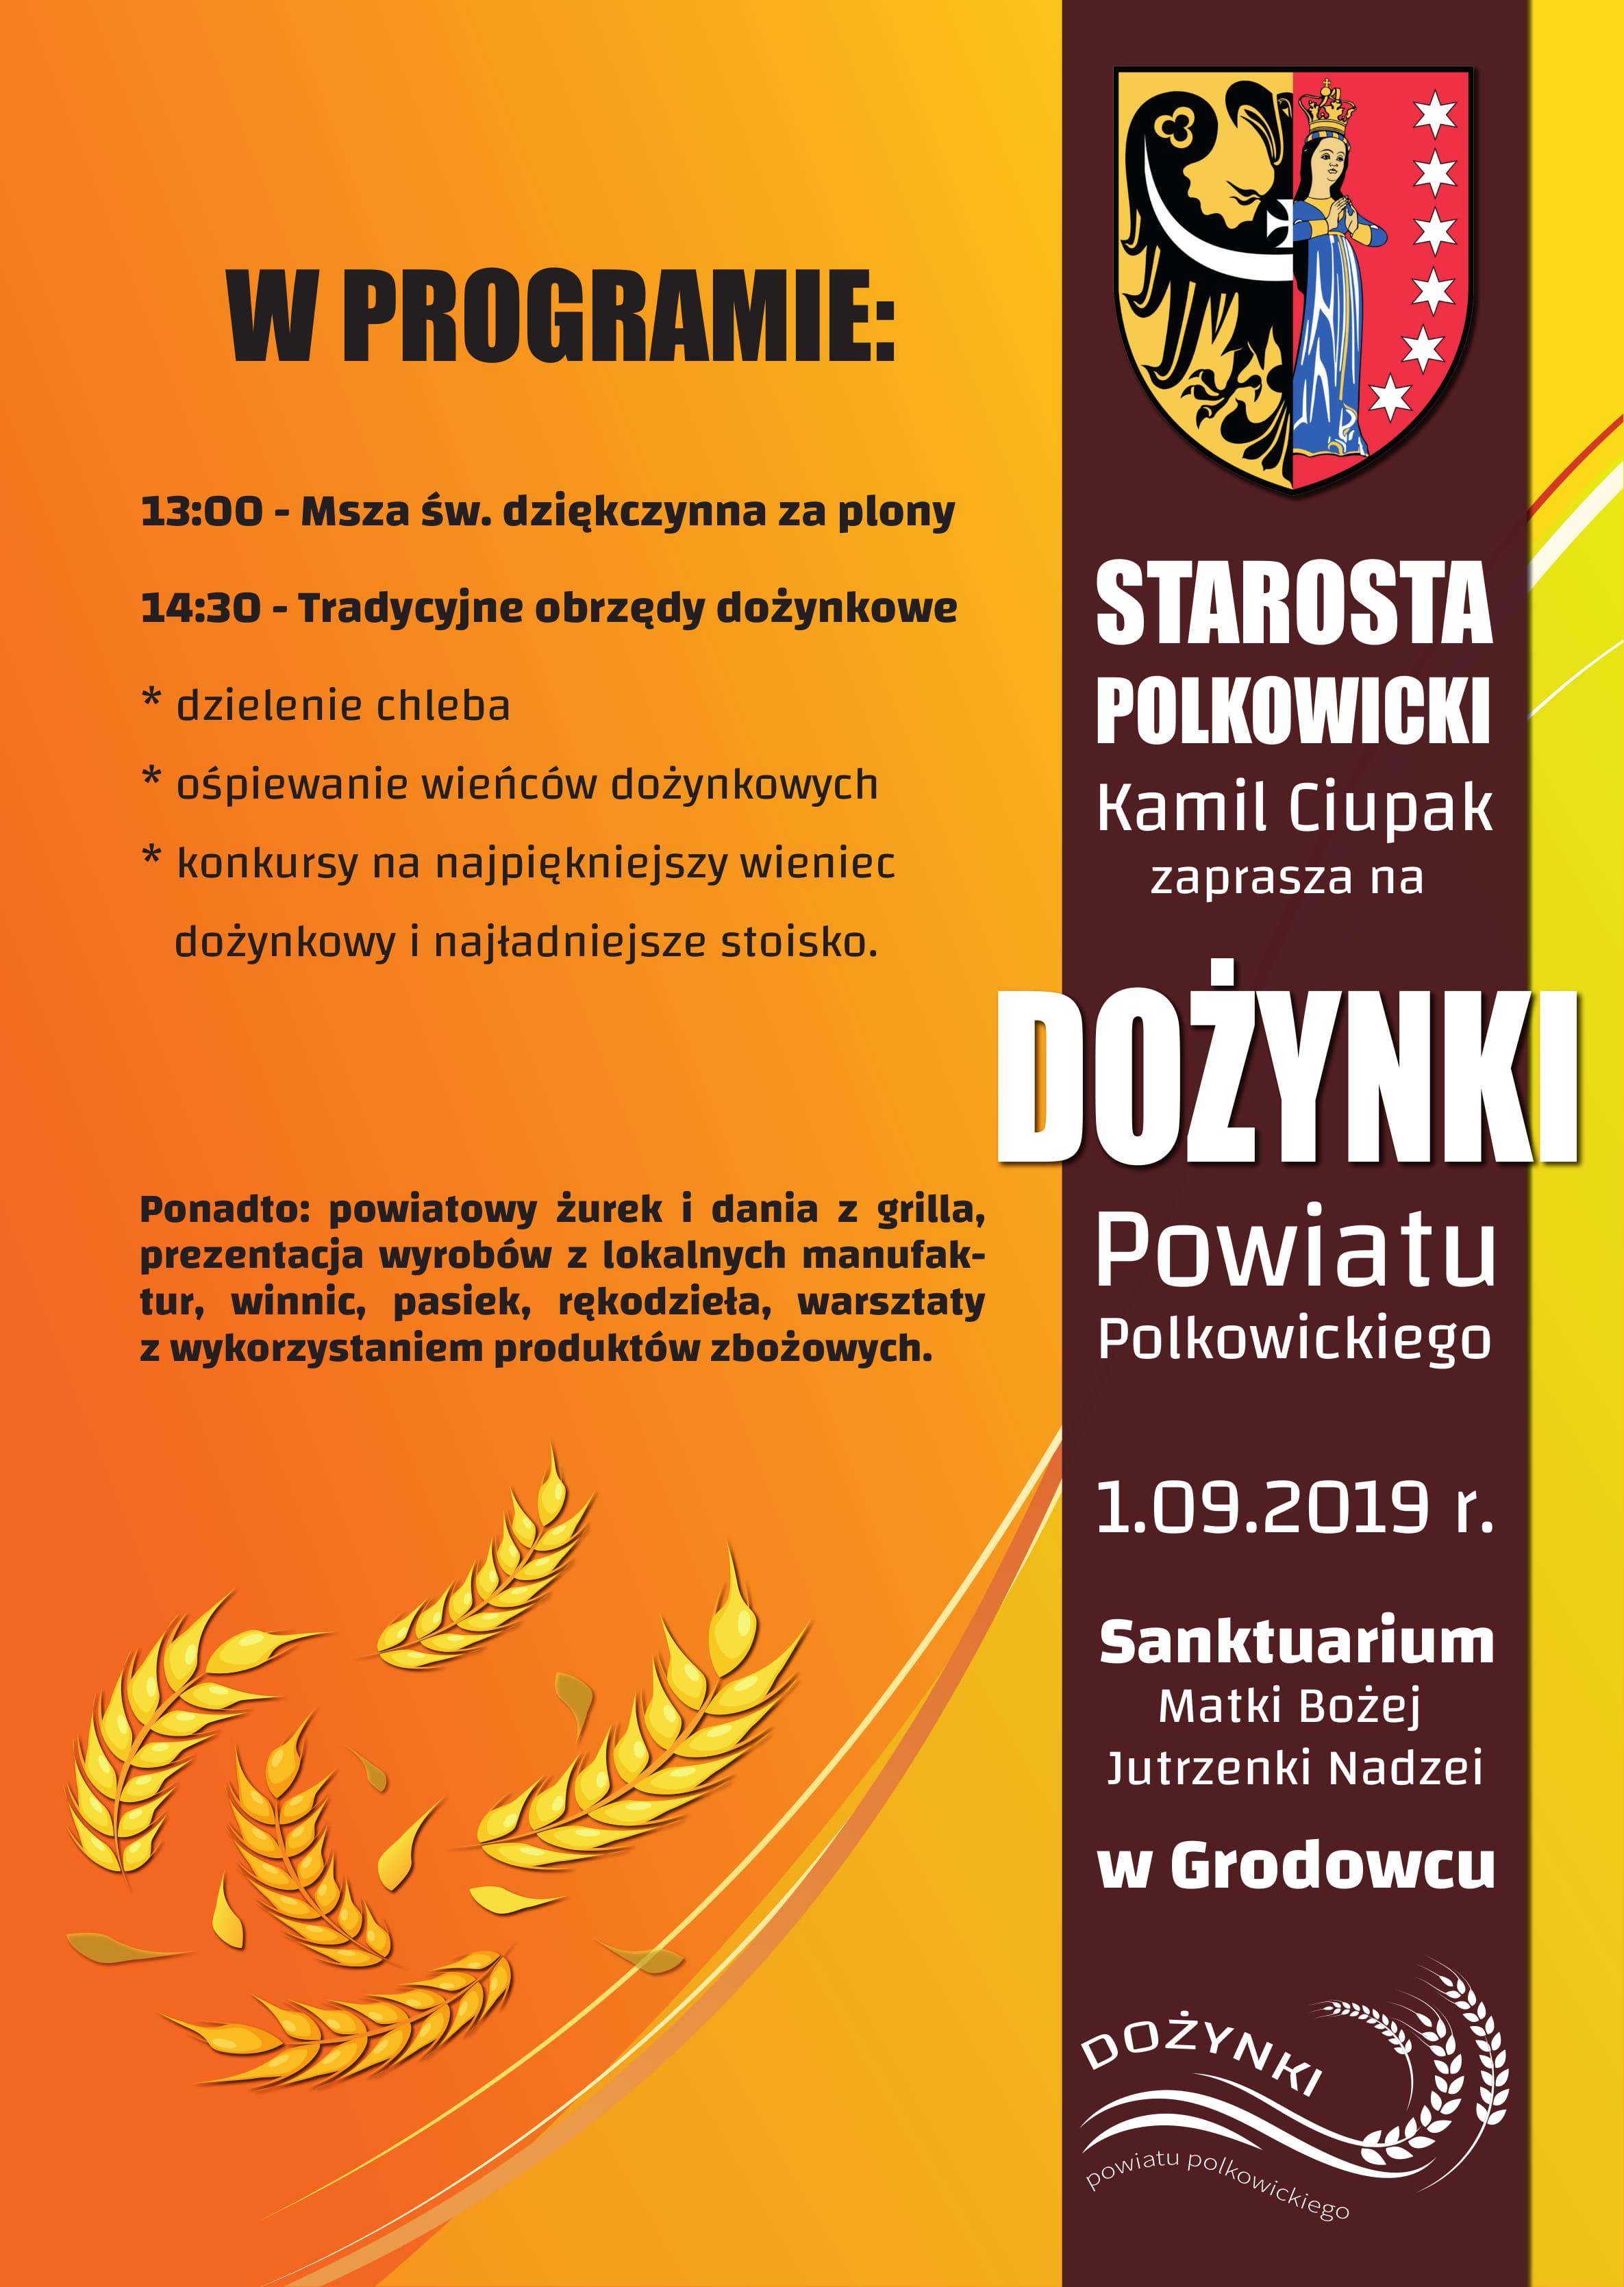 Powiatowe Dożynki w Grodowcu